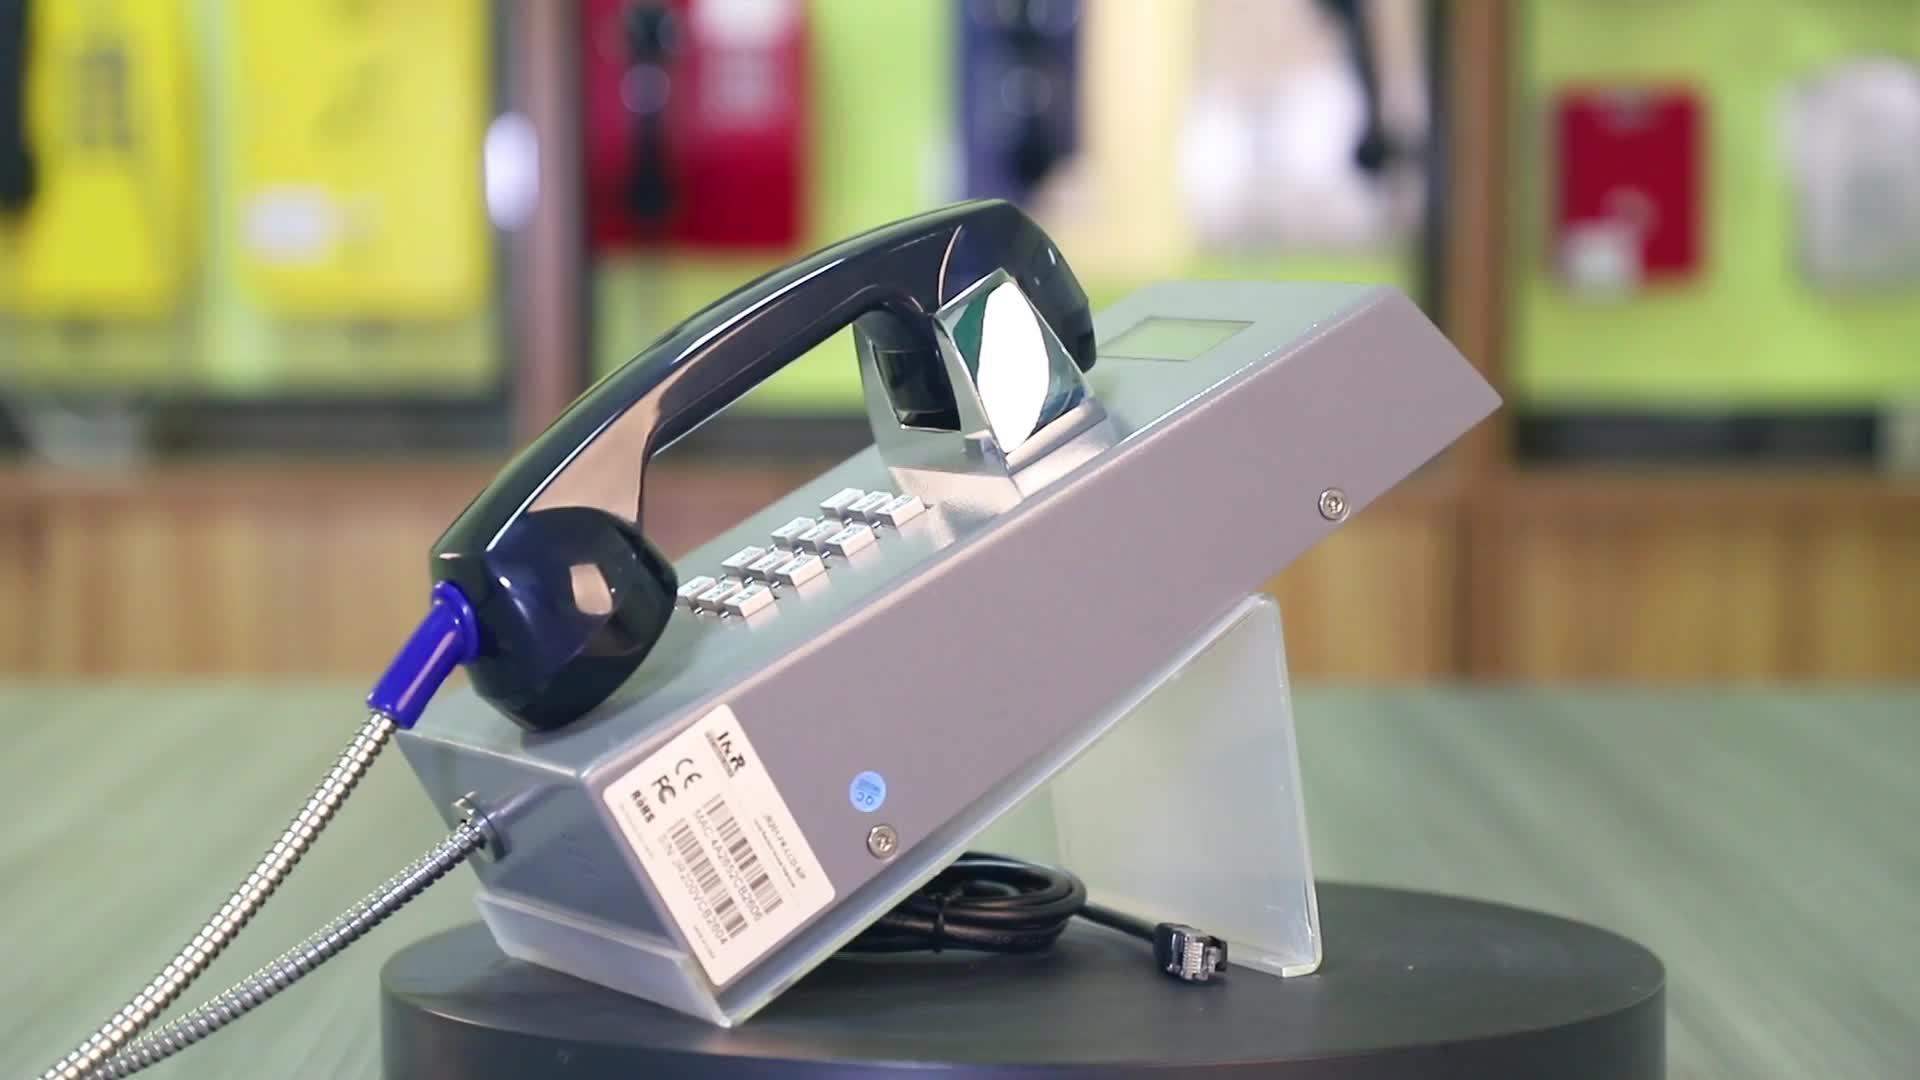 Chất lượng cao Chống Phá Hoại Nhà Tù VoIP Điện Thoại, Chắc Chắn Voice over IP Điện Thoại cho Jails, Phục Hồi Chức Năng Các Trung Tâm Điện Thoại